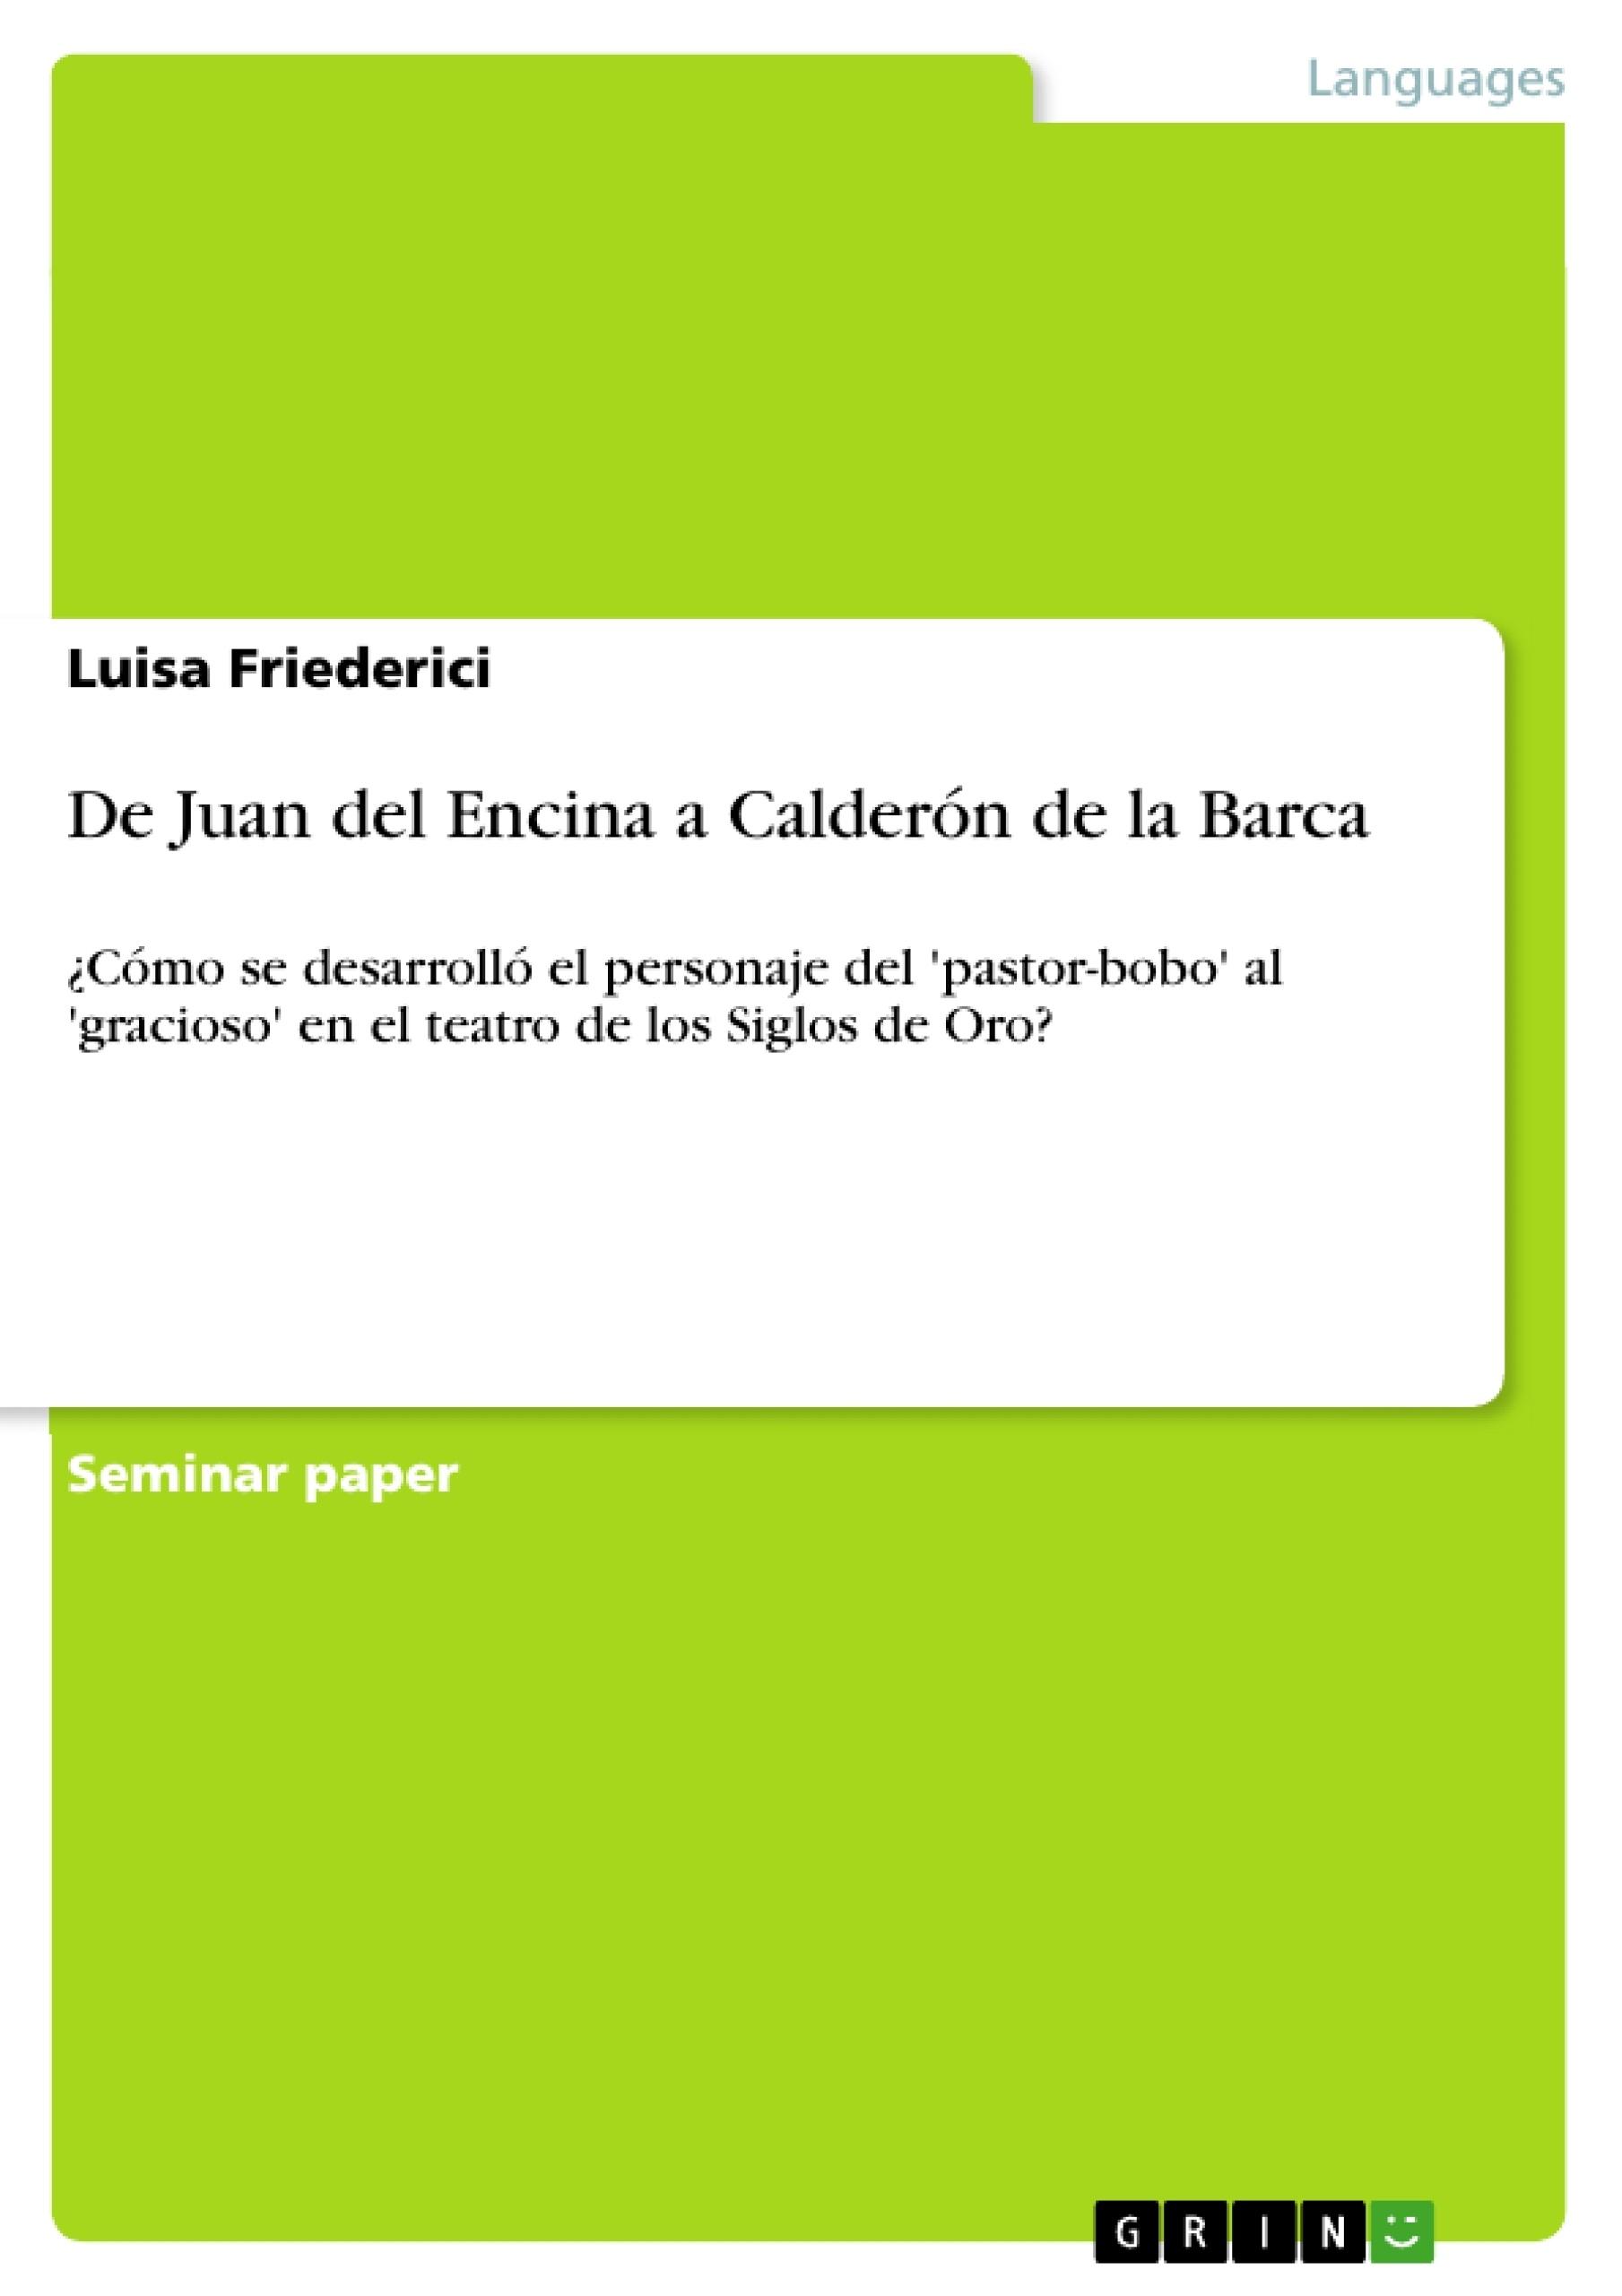 Título: De Juan del Encina a Calderón de la Barca